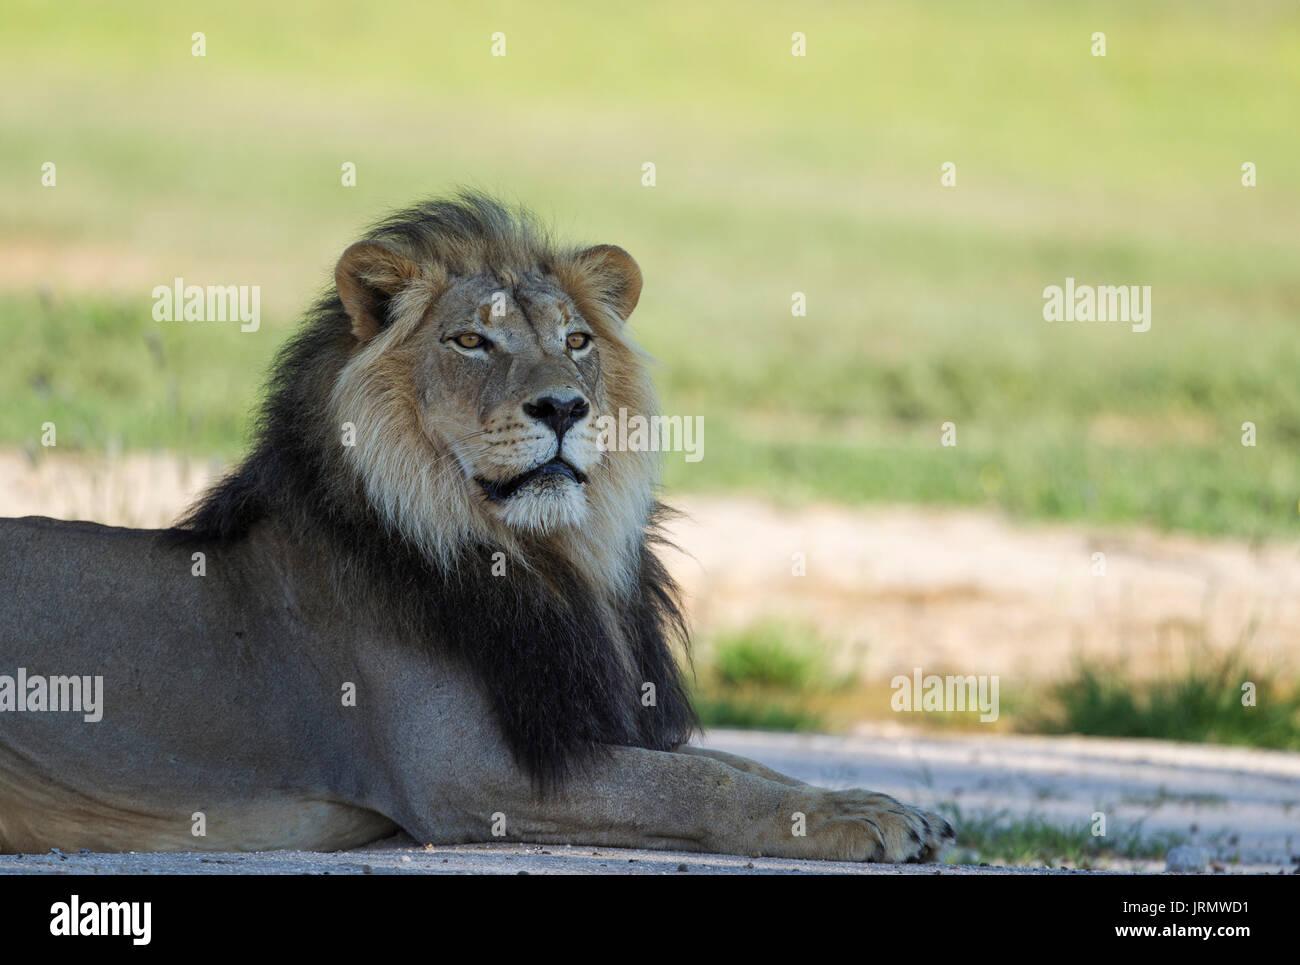 Lion (Panthera leo), nero-maned maschio, riposo, durante la stagione delle piogge con dintorni verdi, Deserto Kalahari Immagini Stock